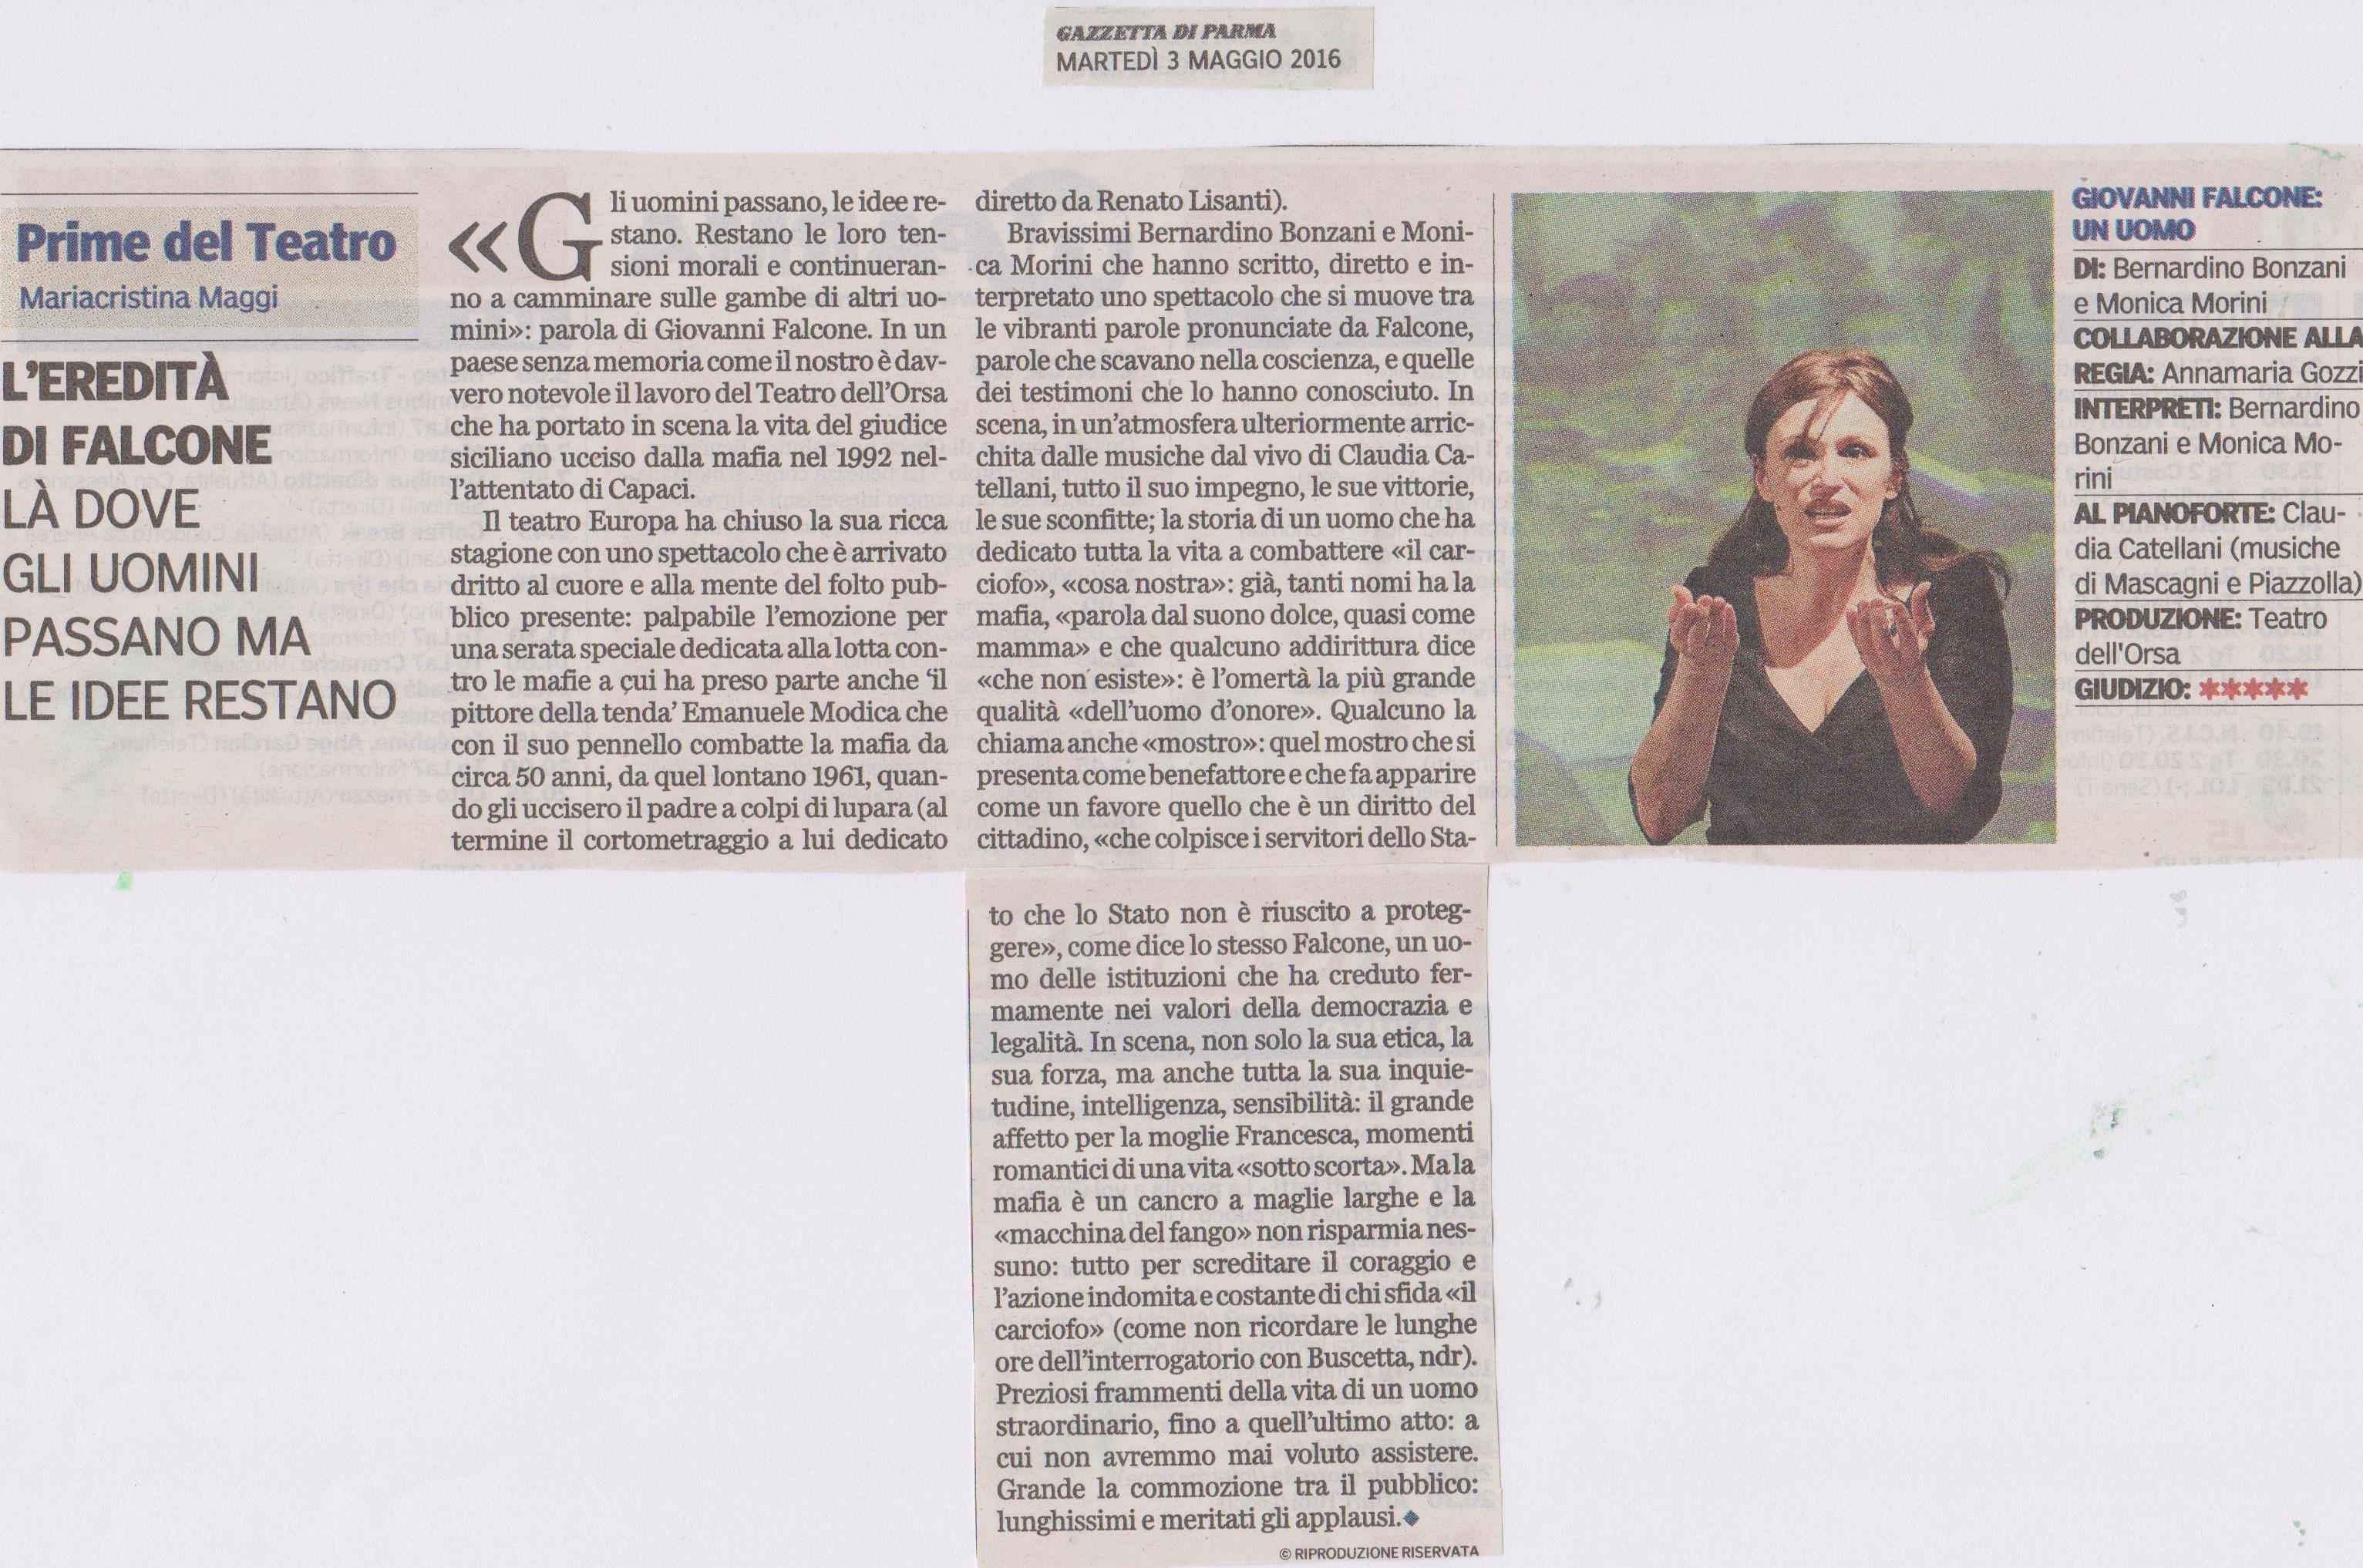 rece Gazzetta Giovanni Falcone_3maggio2016